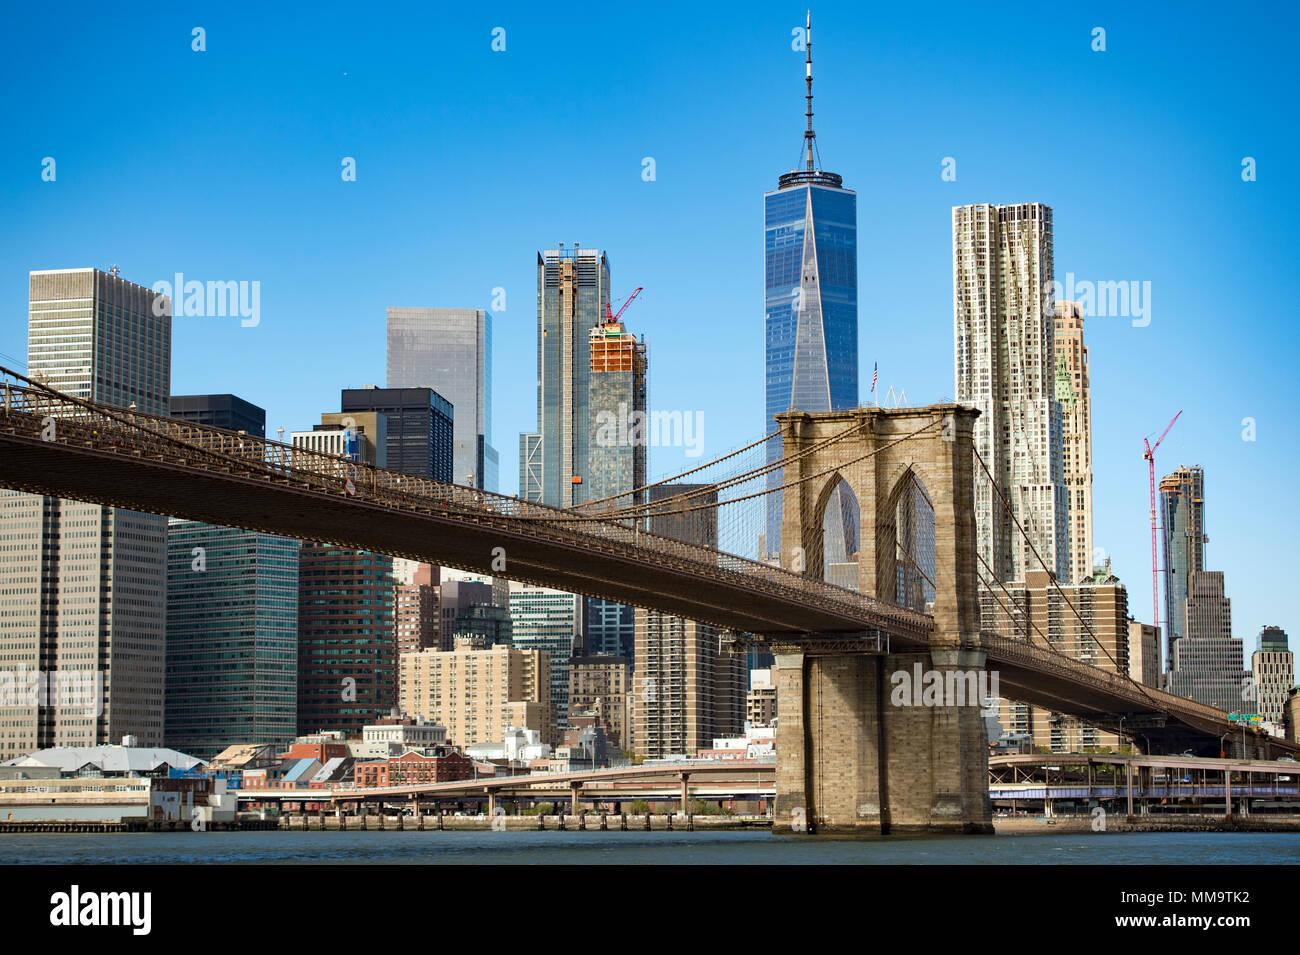 Skyline von Manhattan mit Brooklyn Bridge und das One World Trade Center im Hintergrund, während Sie einen sonnigen Tag in New York, USA. Stockbild